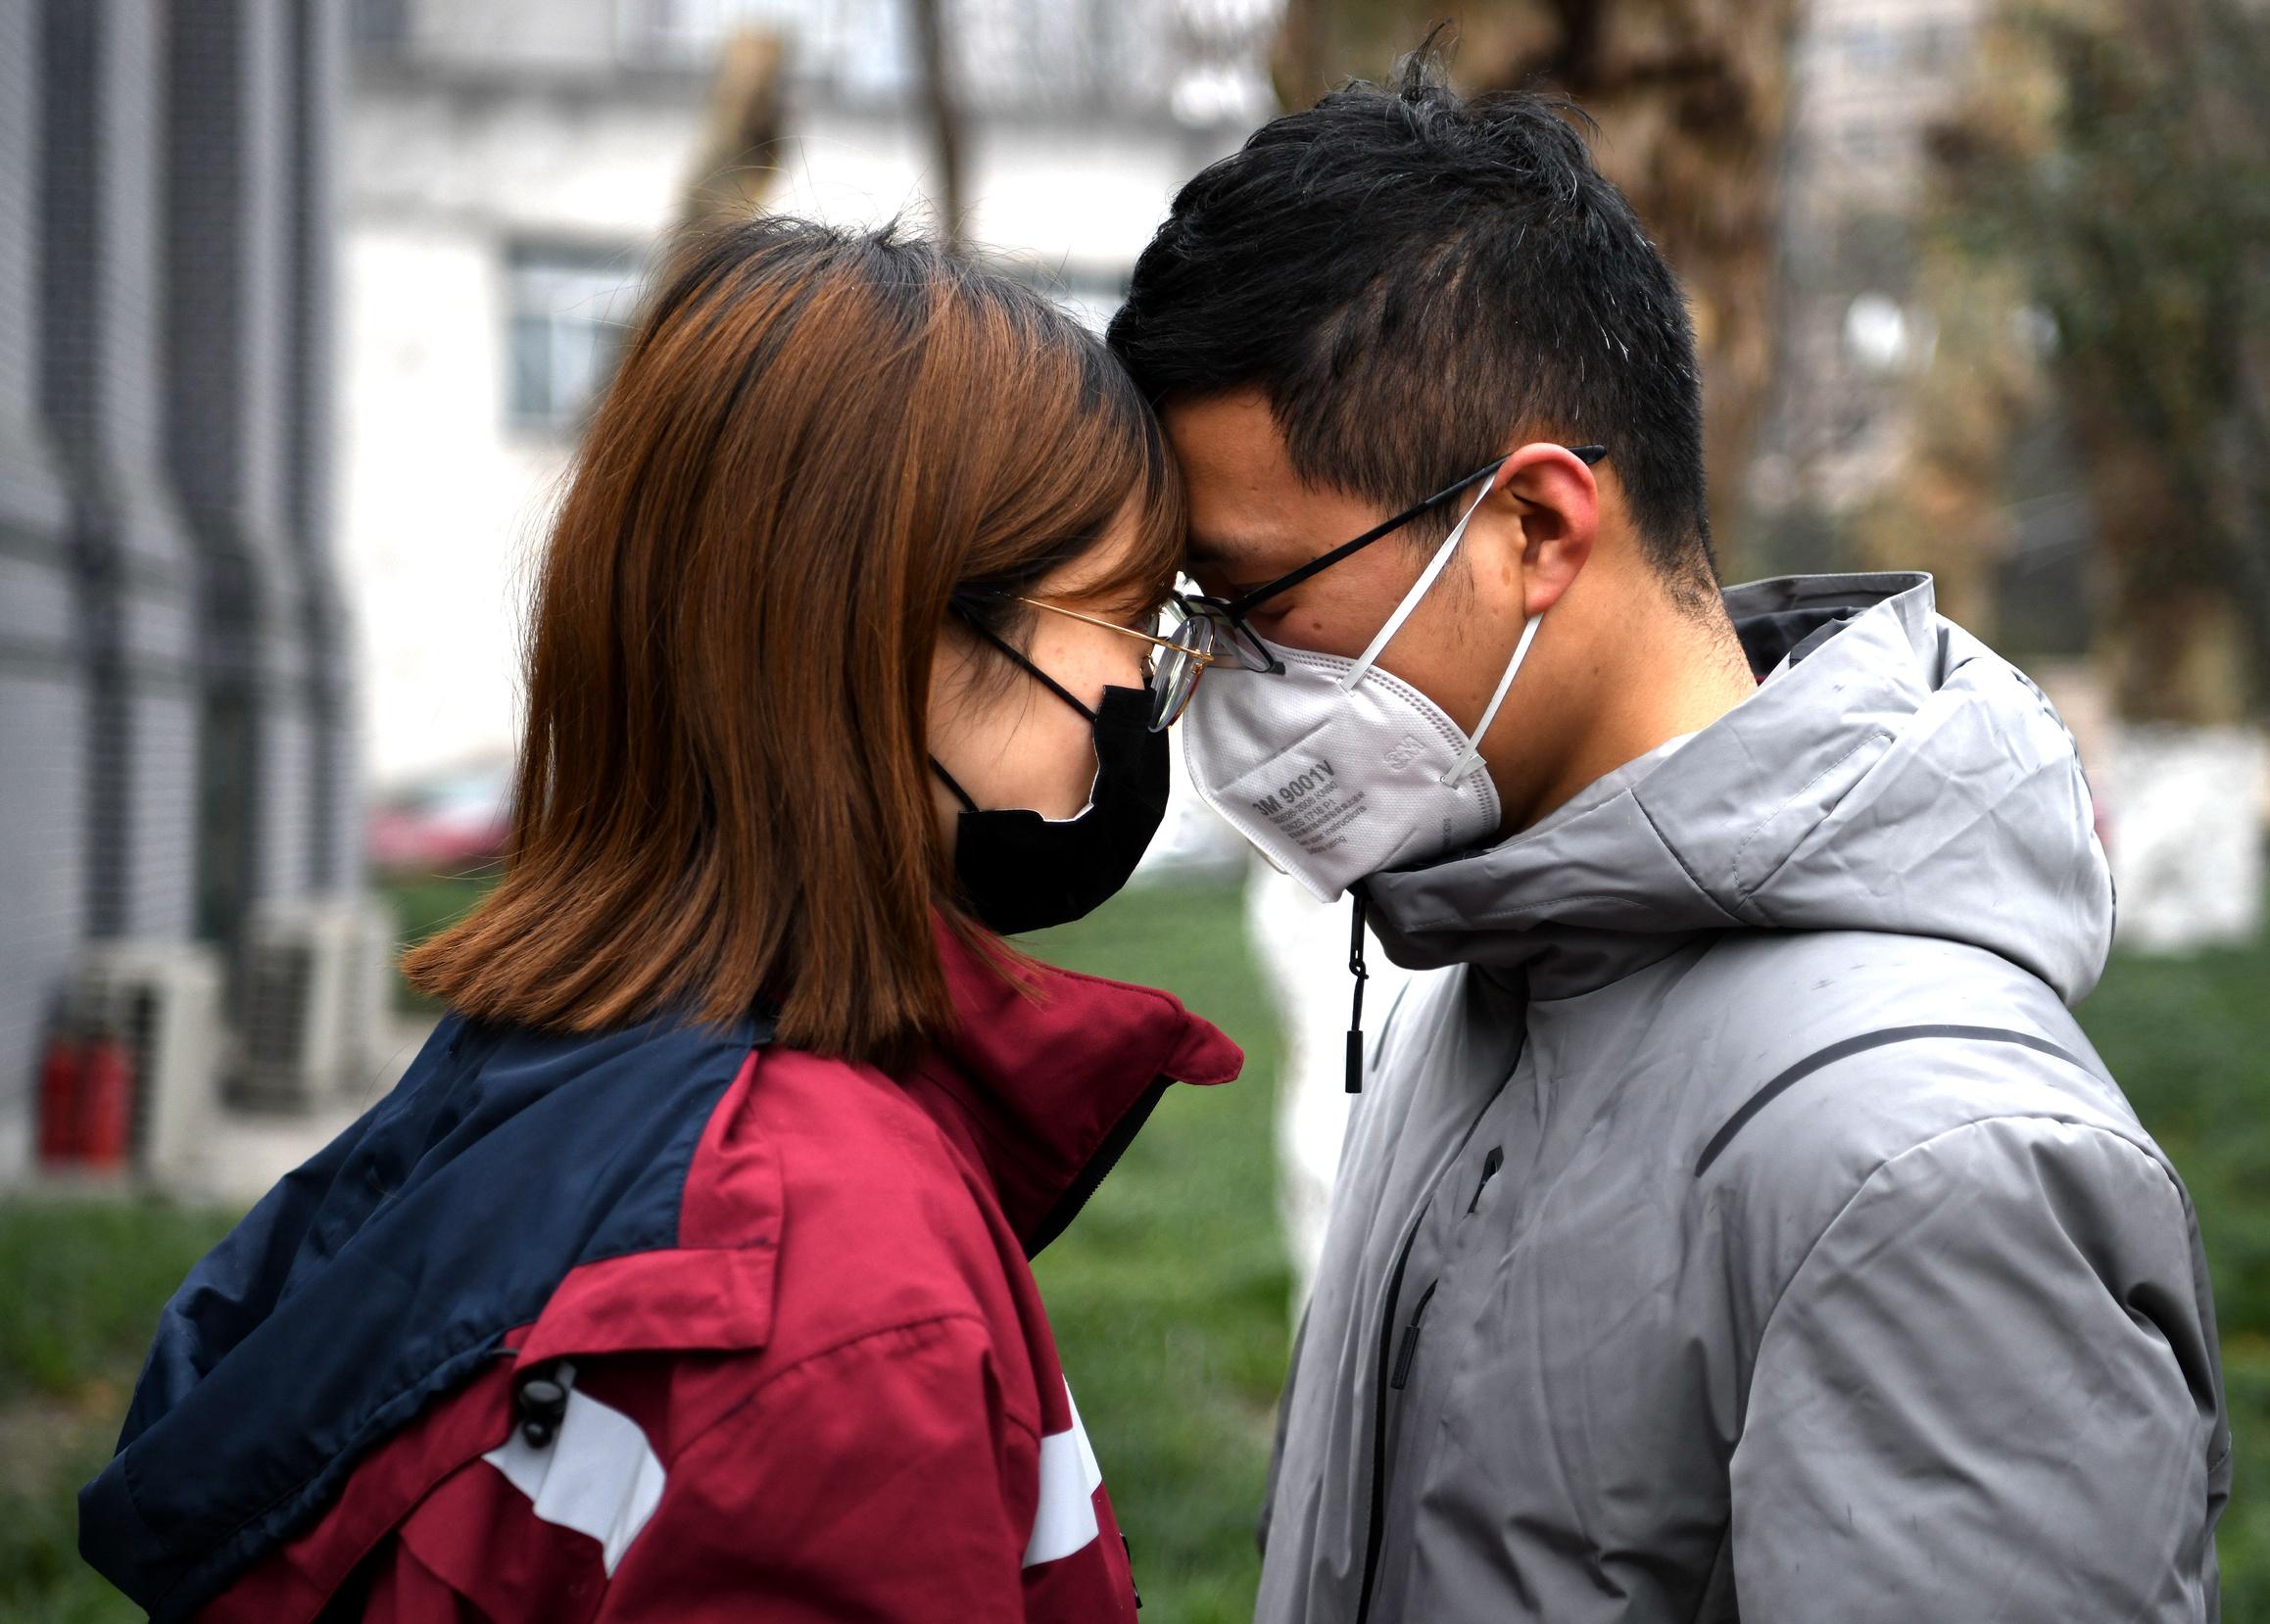 En China, las parejas podrán tener tres hijos